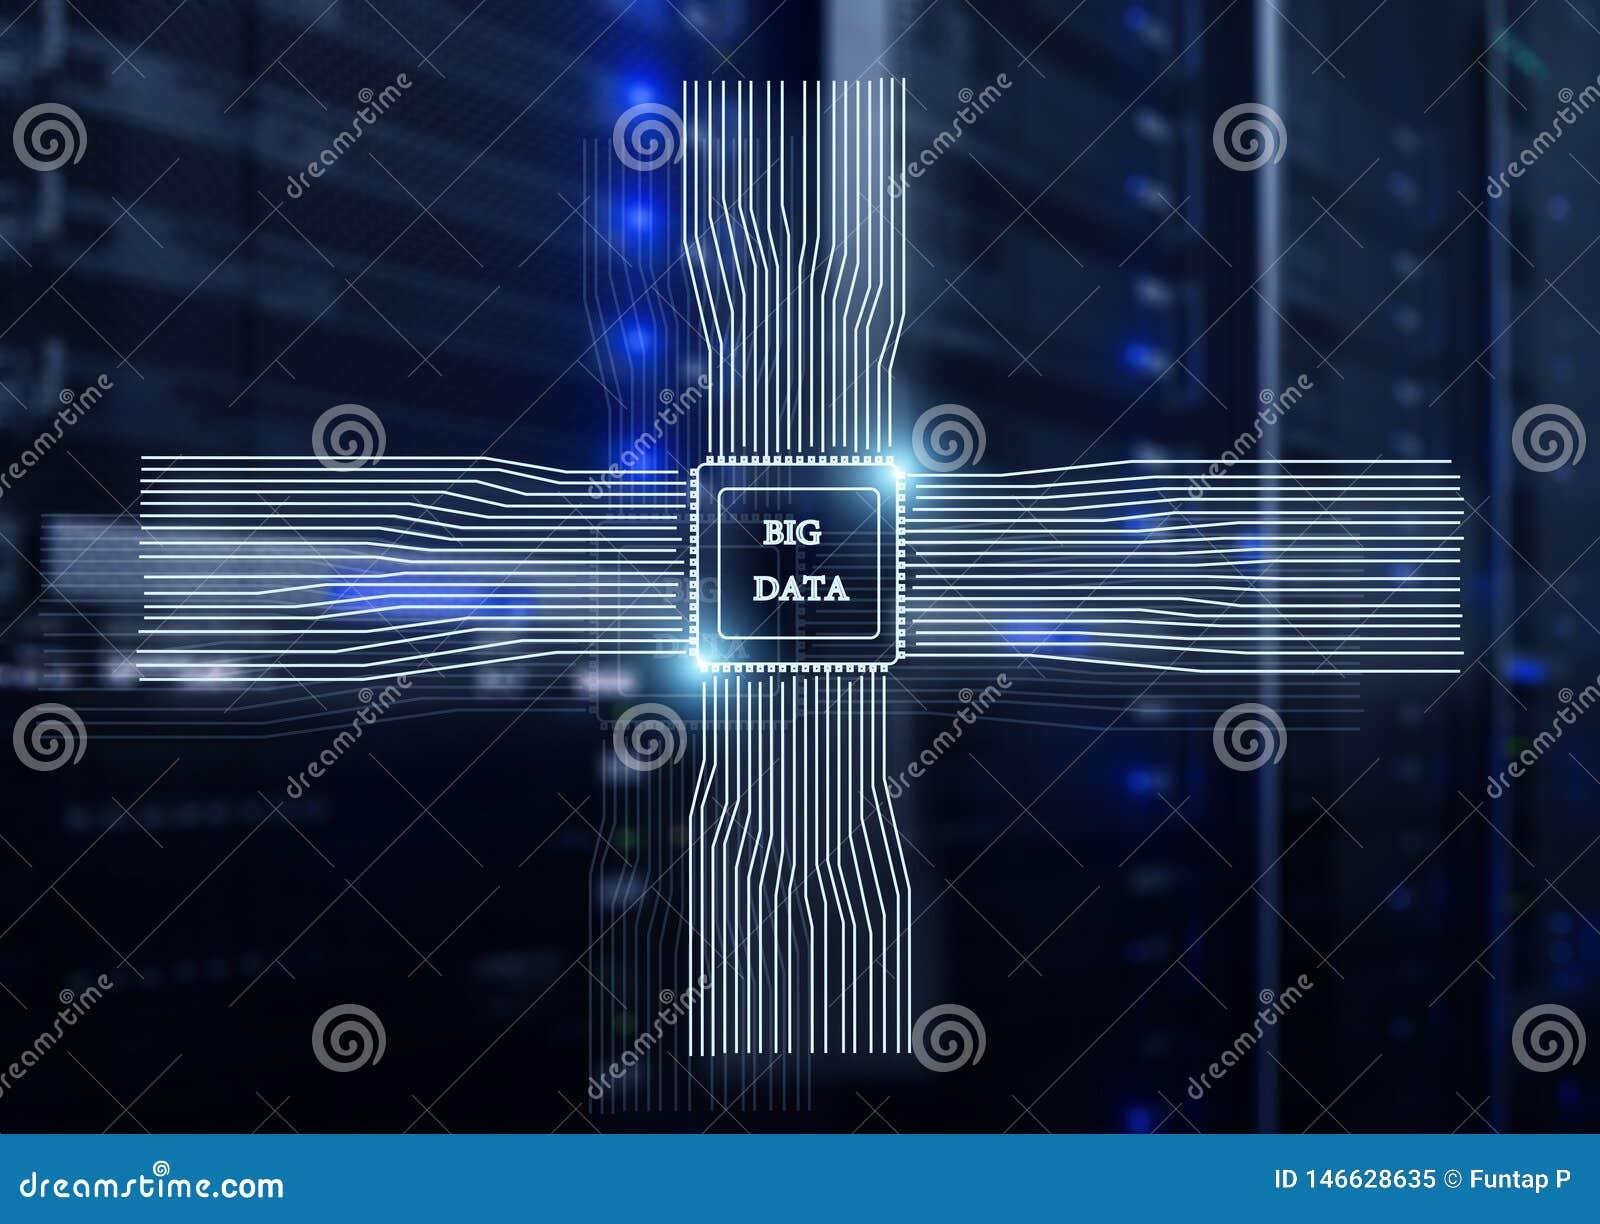 Big Data-Concept op de moderne achtergrond van de serverruimte